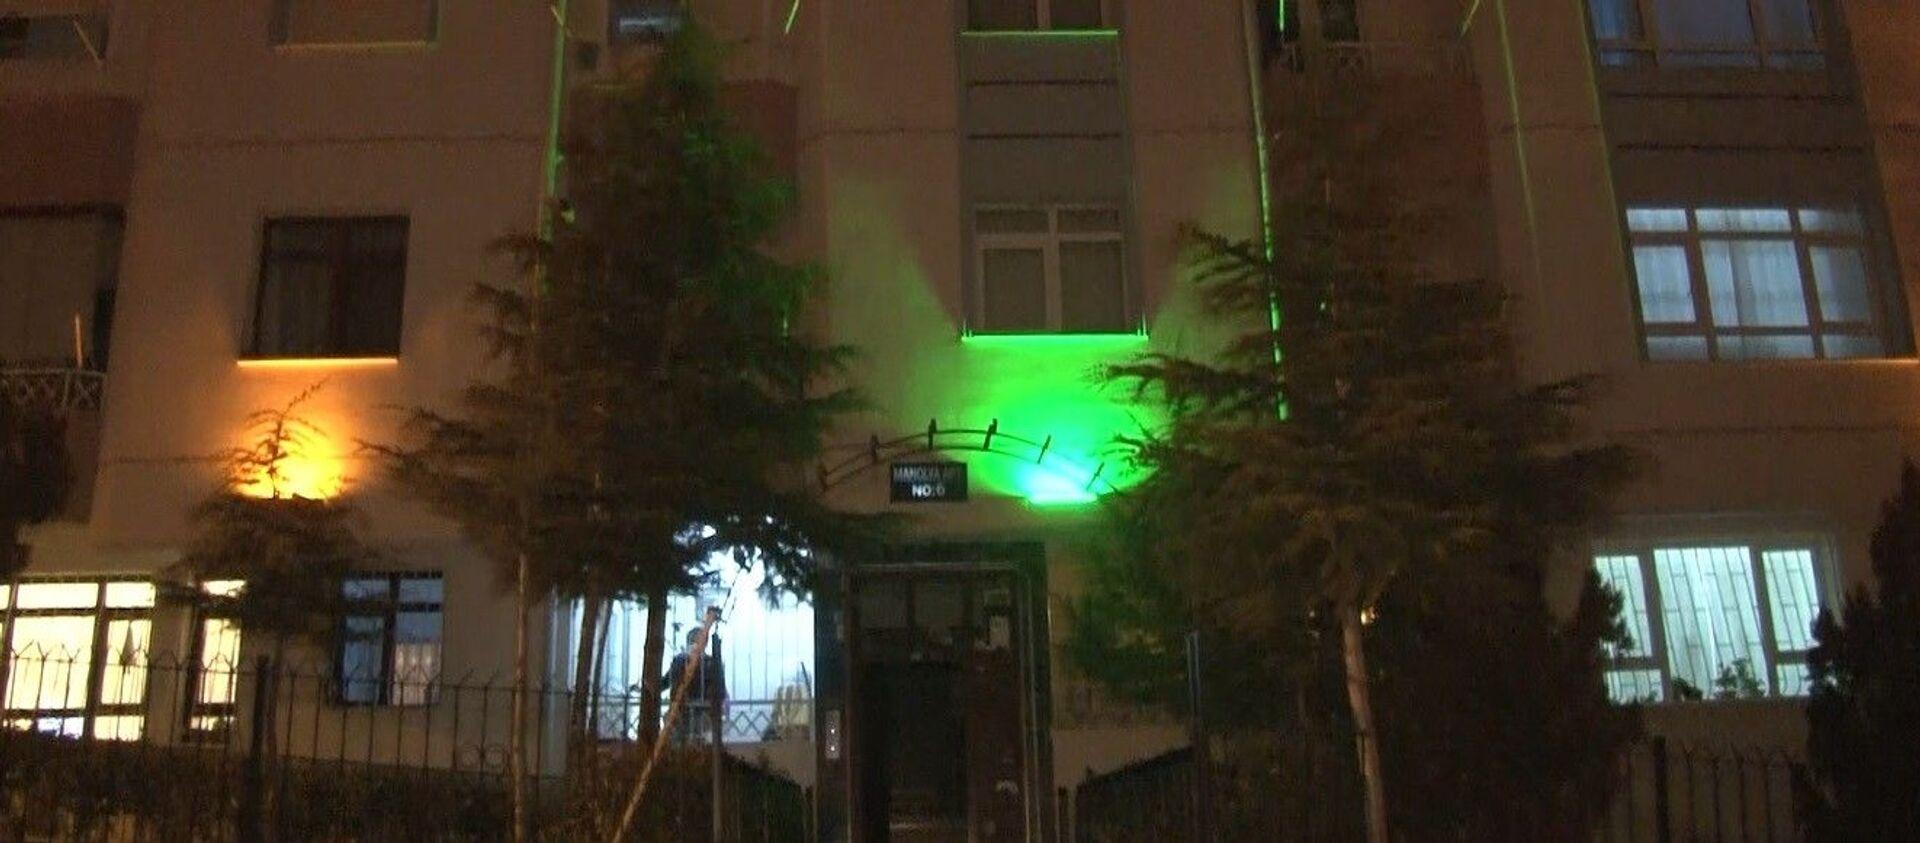 Ankara'nın Keçiören ilçesinde 21 daire bulunan bir binada 6 kişinin koronavirüs testi pozitif çıktı.  - Sputnik Türkiye, 1920, 03.02.2021